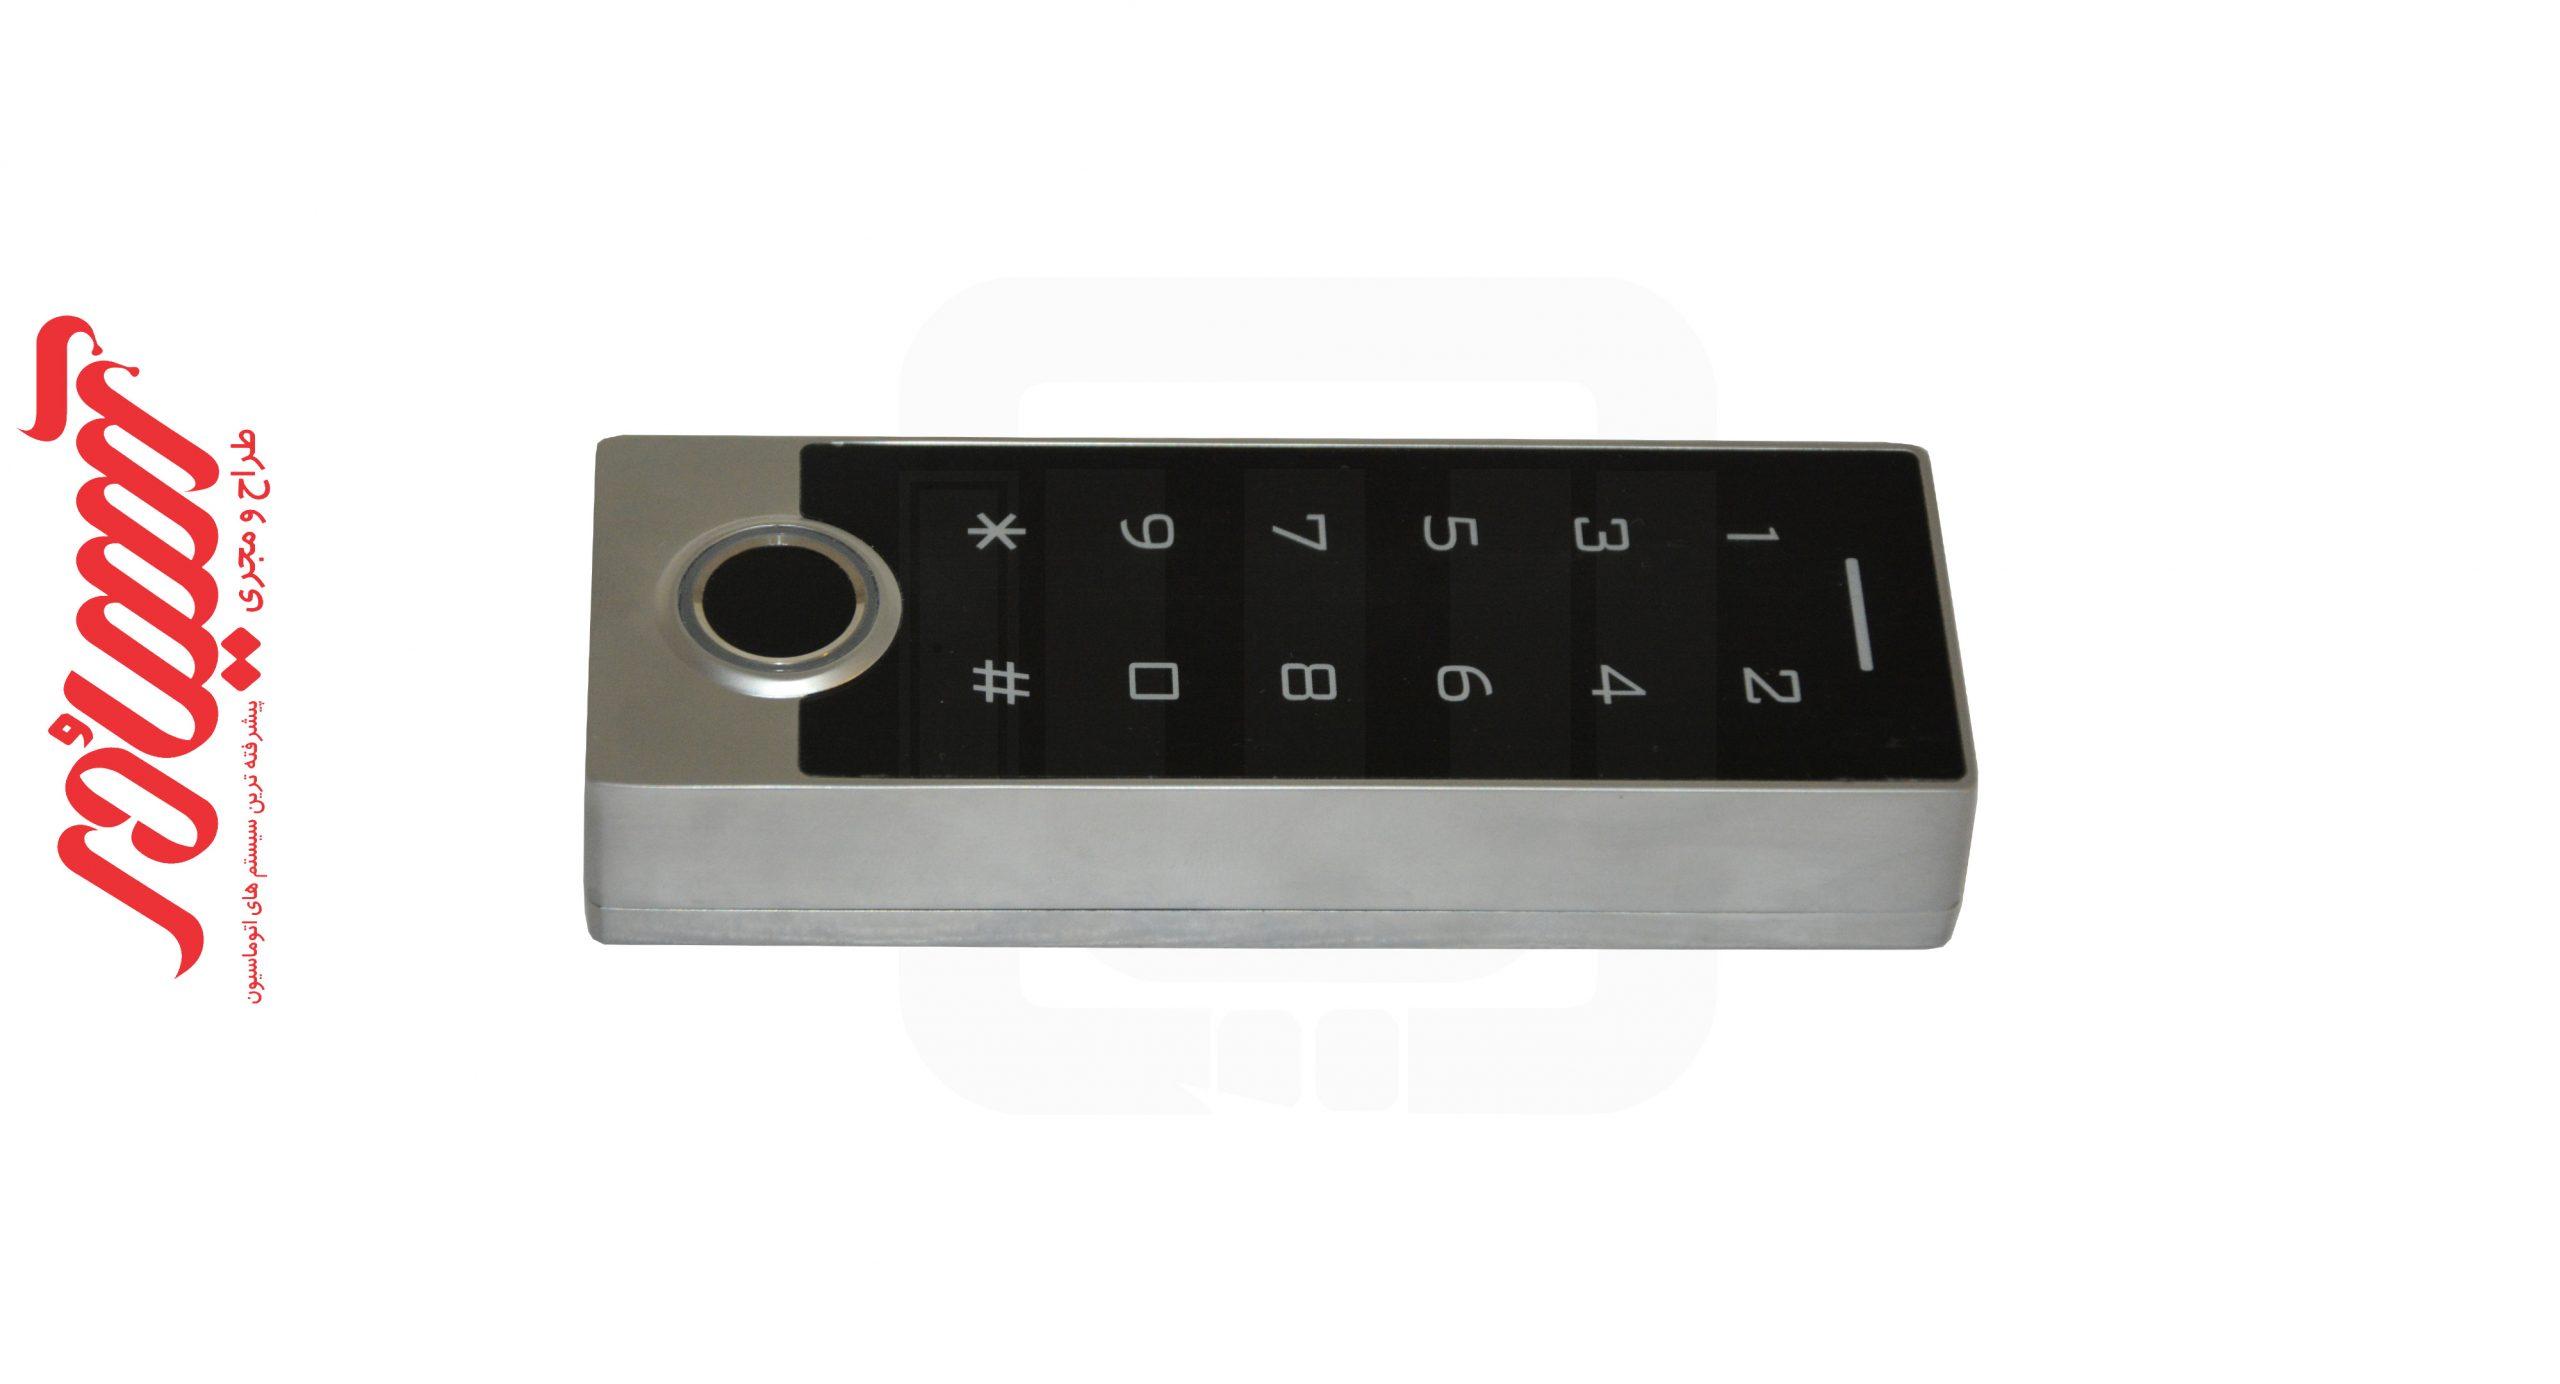 دستگاه کنترل تردد اچ ام تی HMT FK13